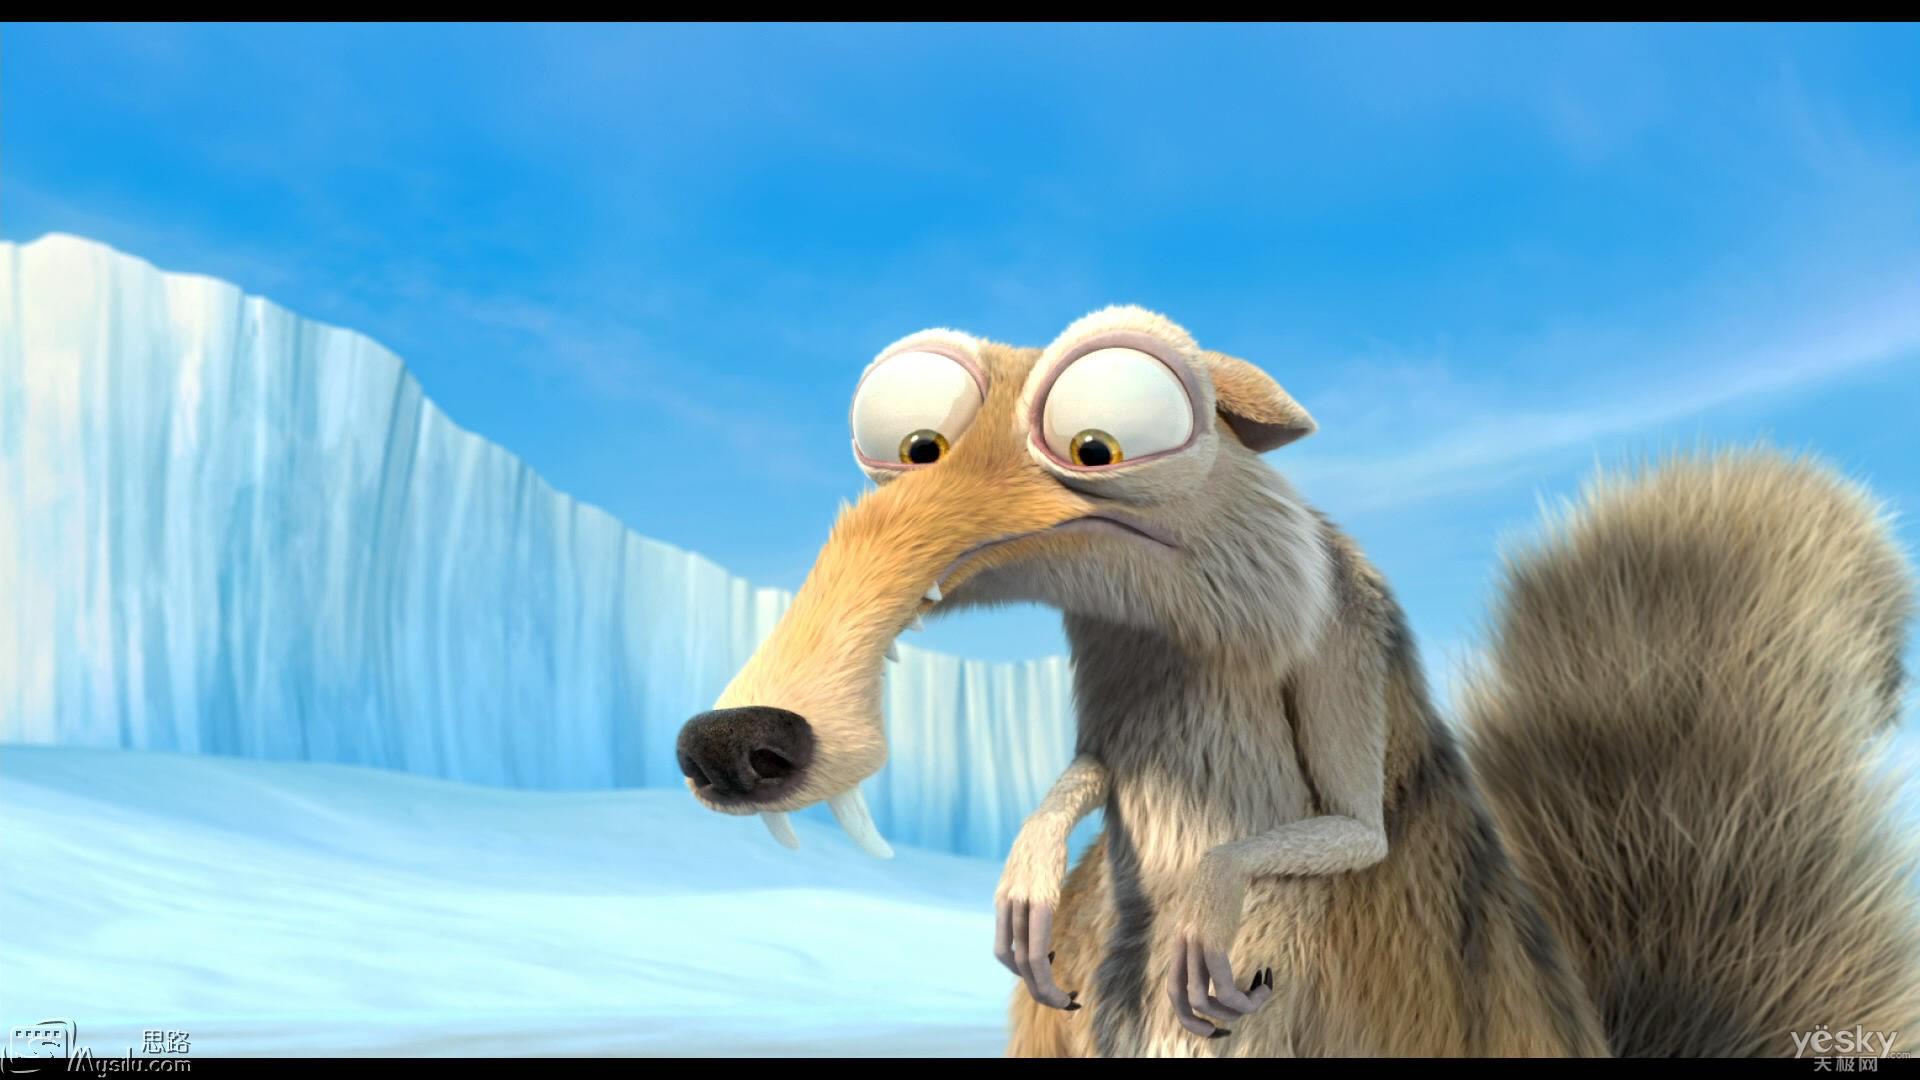 冰川时代 松鼠_冰河世纪松鼠图片图片_冰河世纪松鼠图片图片下载